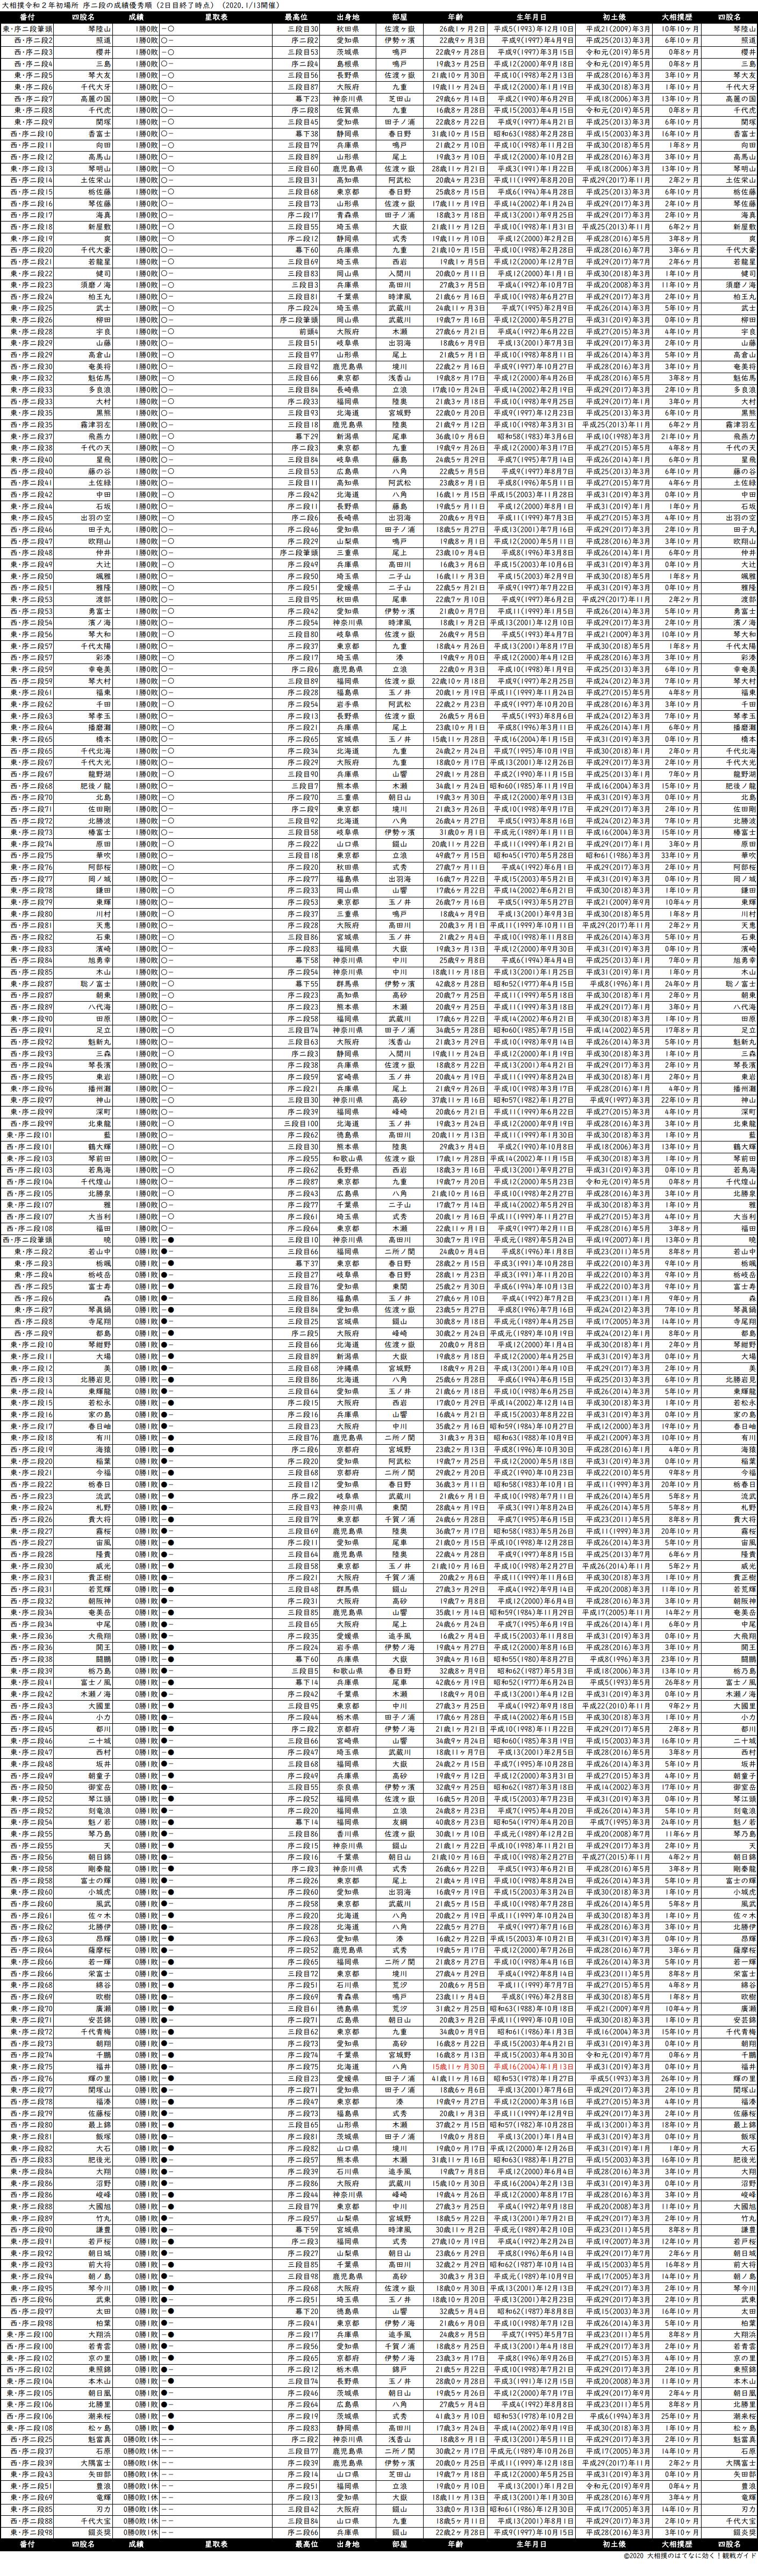 序二段成績順一覧表・2020年1月場所2日目